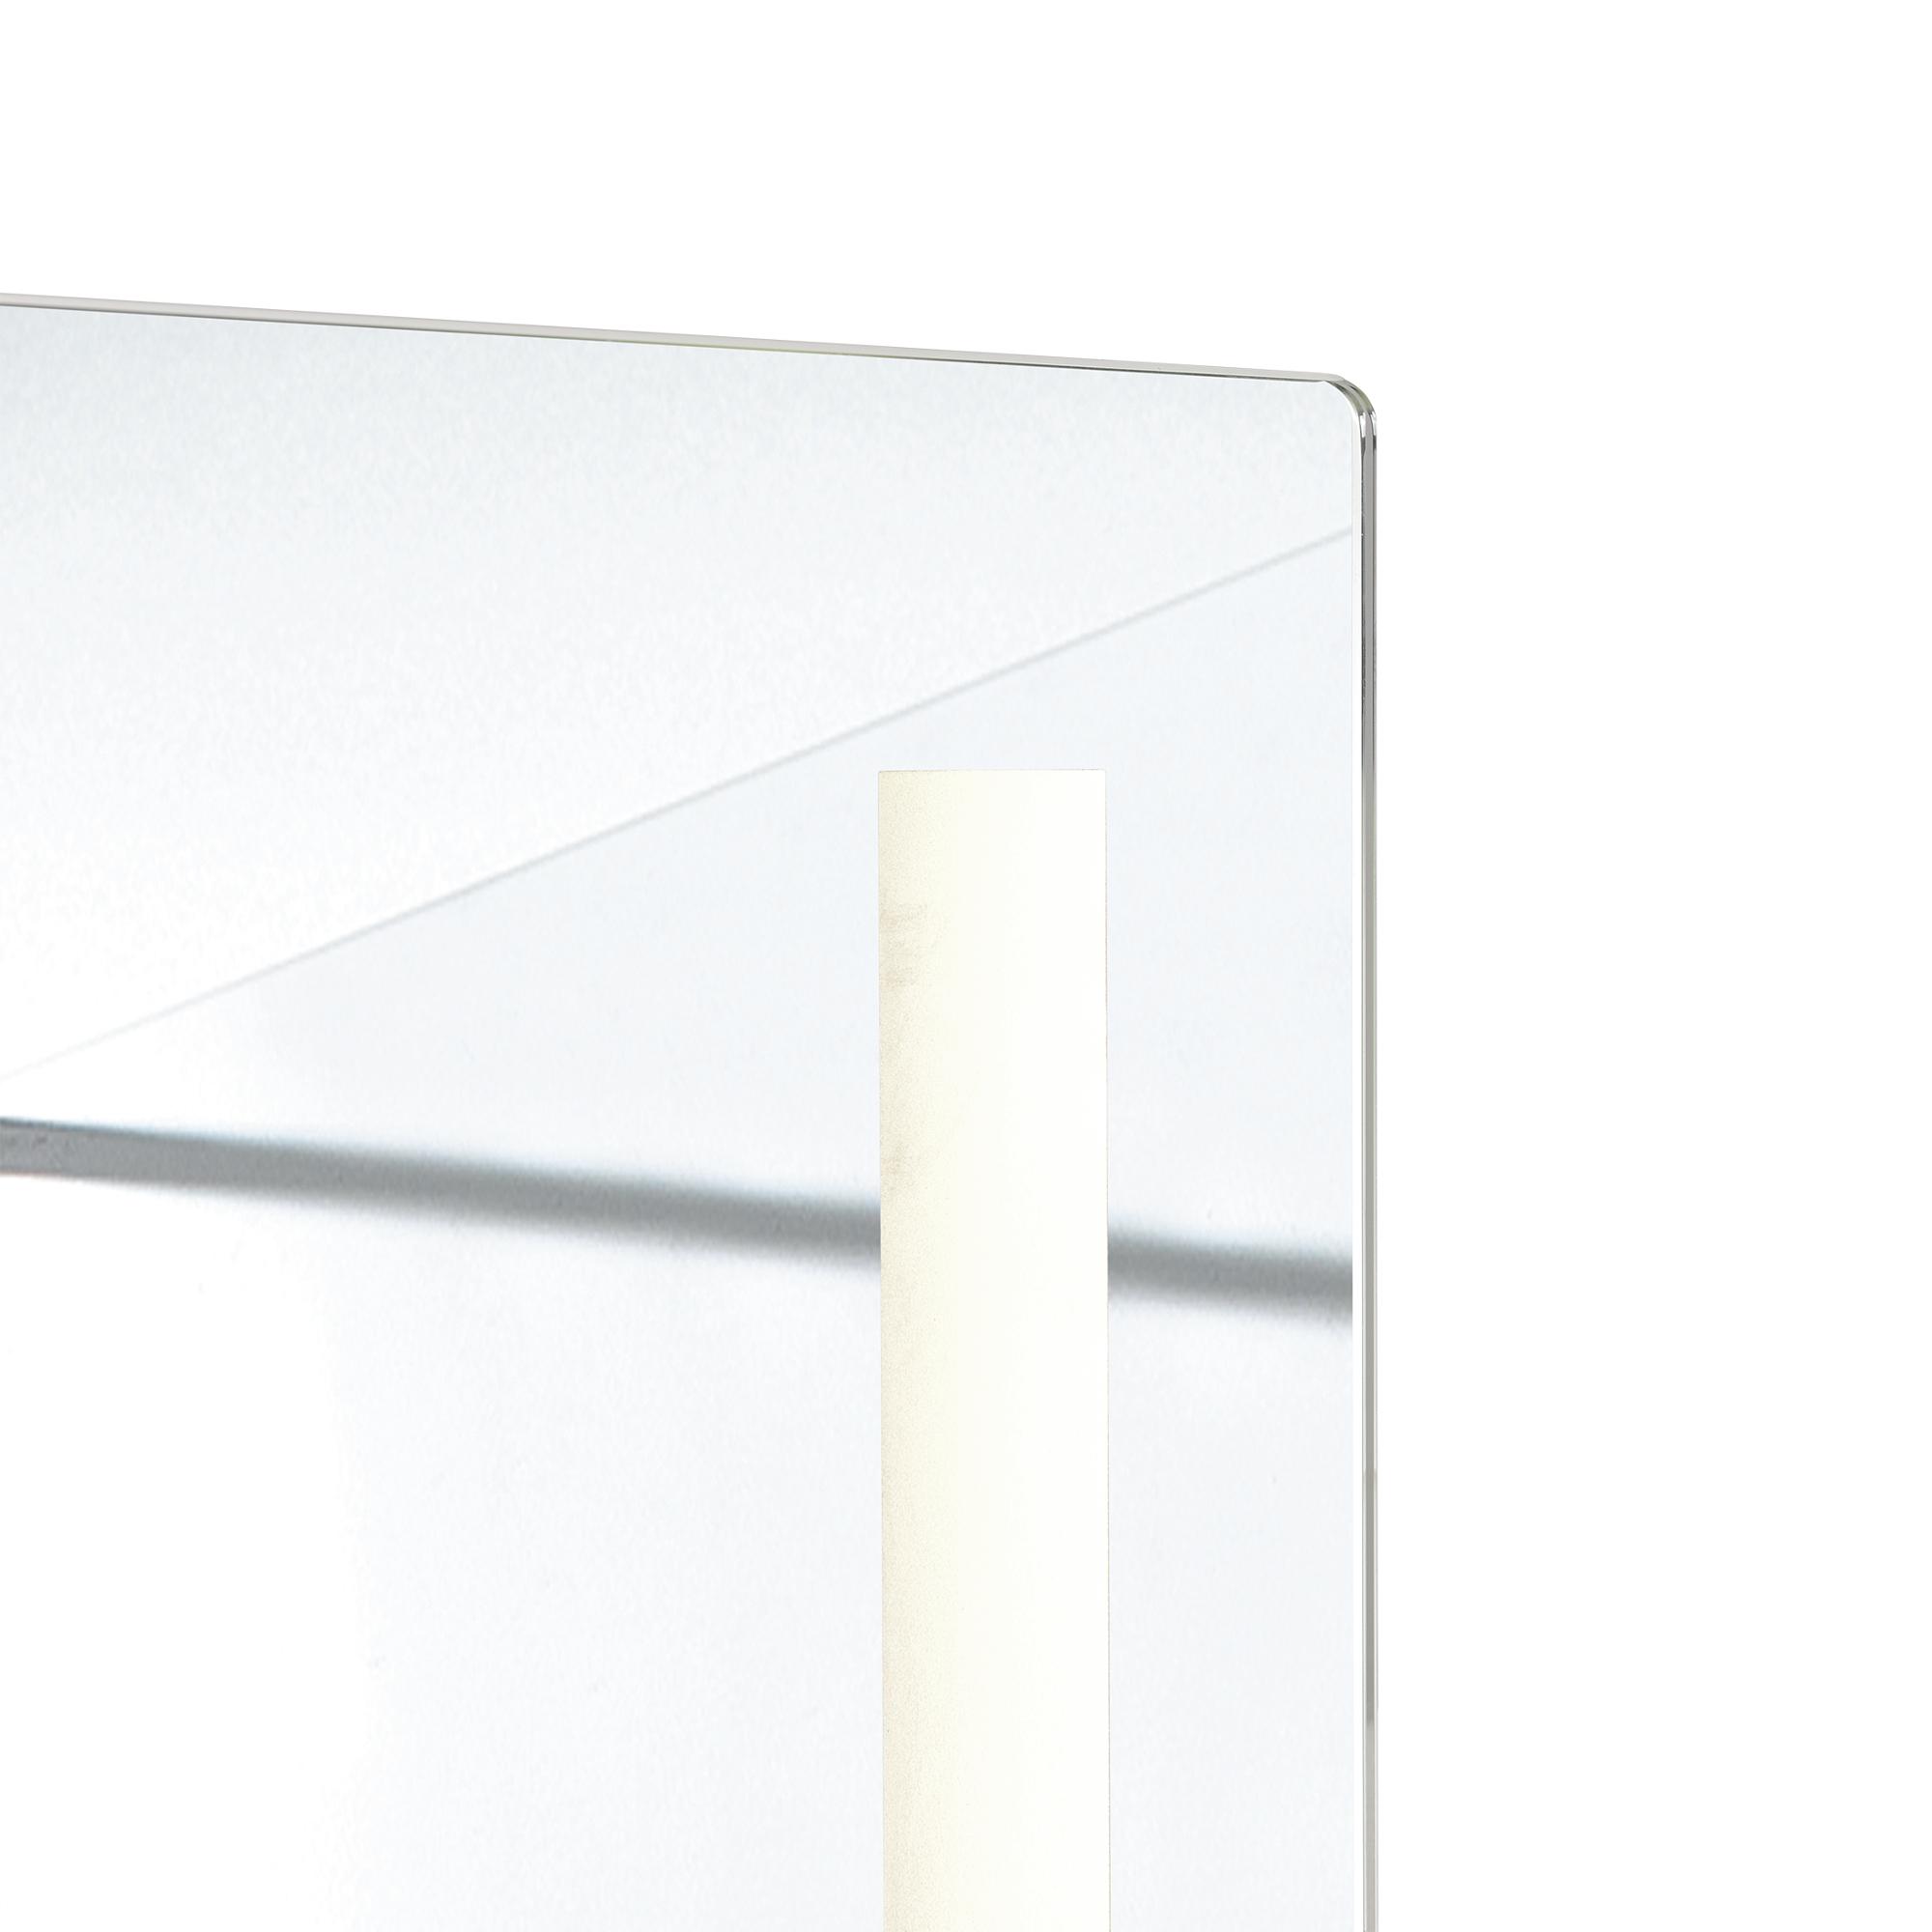 Casa design led specchio muro 160x45cm corpo intero luce - Specchio intero ...